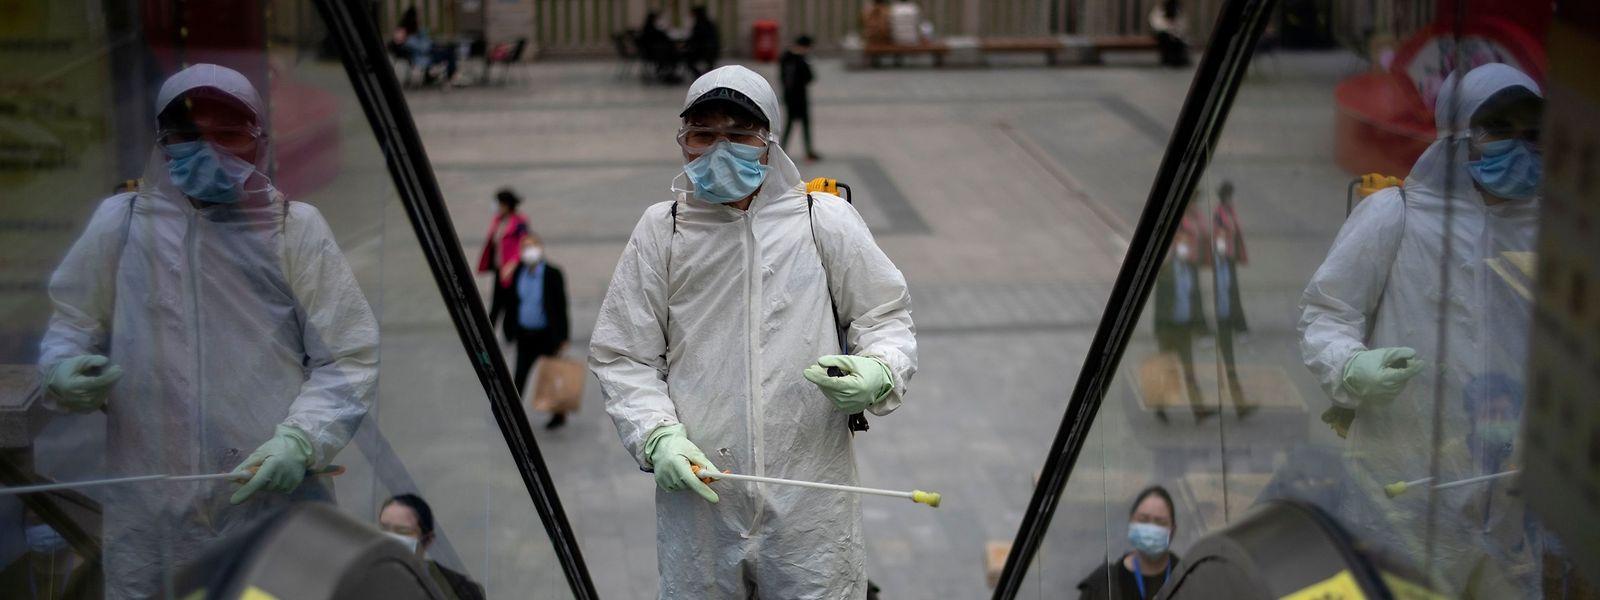 In Ostasien ist man misstrauisch gegenüber Fremden, die das Corona-Virus erneut einschleppen könnten.